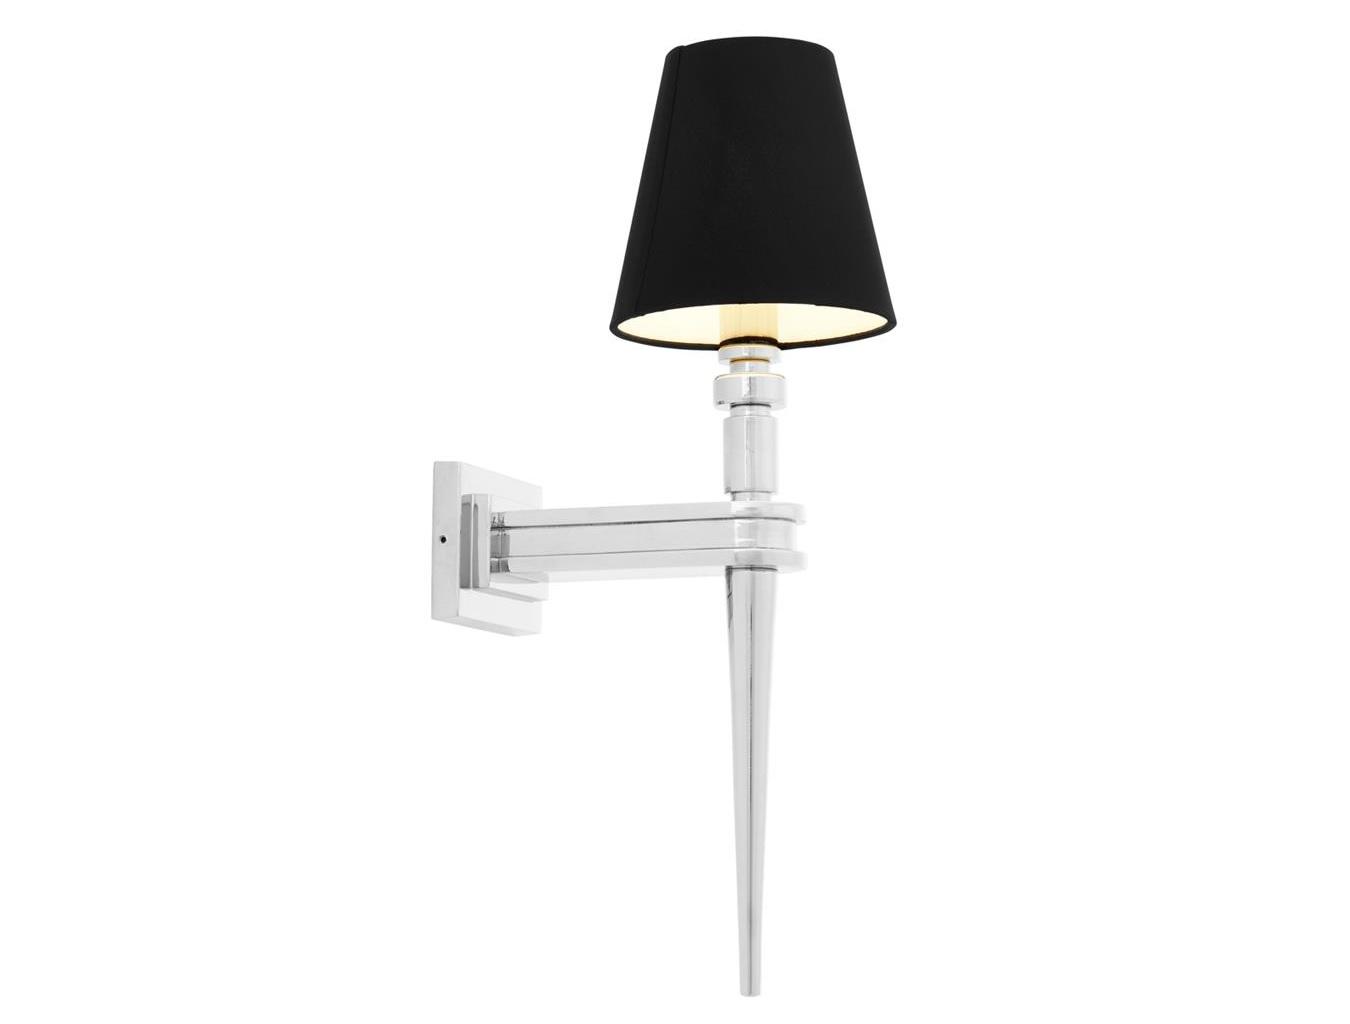 Бра Wall Lamp Waterloo SingleБра<br>&amp;lt;div&amp;gt;Вид цоколя: E14&amp;lt;br&amp;gt;&amp;lt;/div&amp;gt;&amp;lt;div&amp;gt;&amp;lt;div&amp;gt;Мощность: 40W&amp;lt;/div&amp;gt;&amp;lt;div&amp;gt;Количество ламп: 1 (нет в комплекте)&amp;lt;/div&amp;gt;&amp;lt;/div&amp;gt;<br><br>Material: Металл<br>Width см: 15<br>Depth см: 23<br>Height см: 50